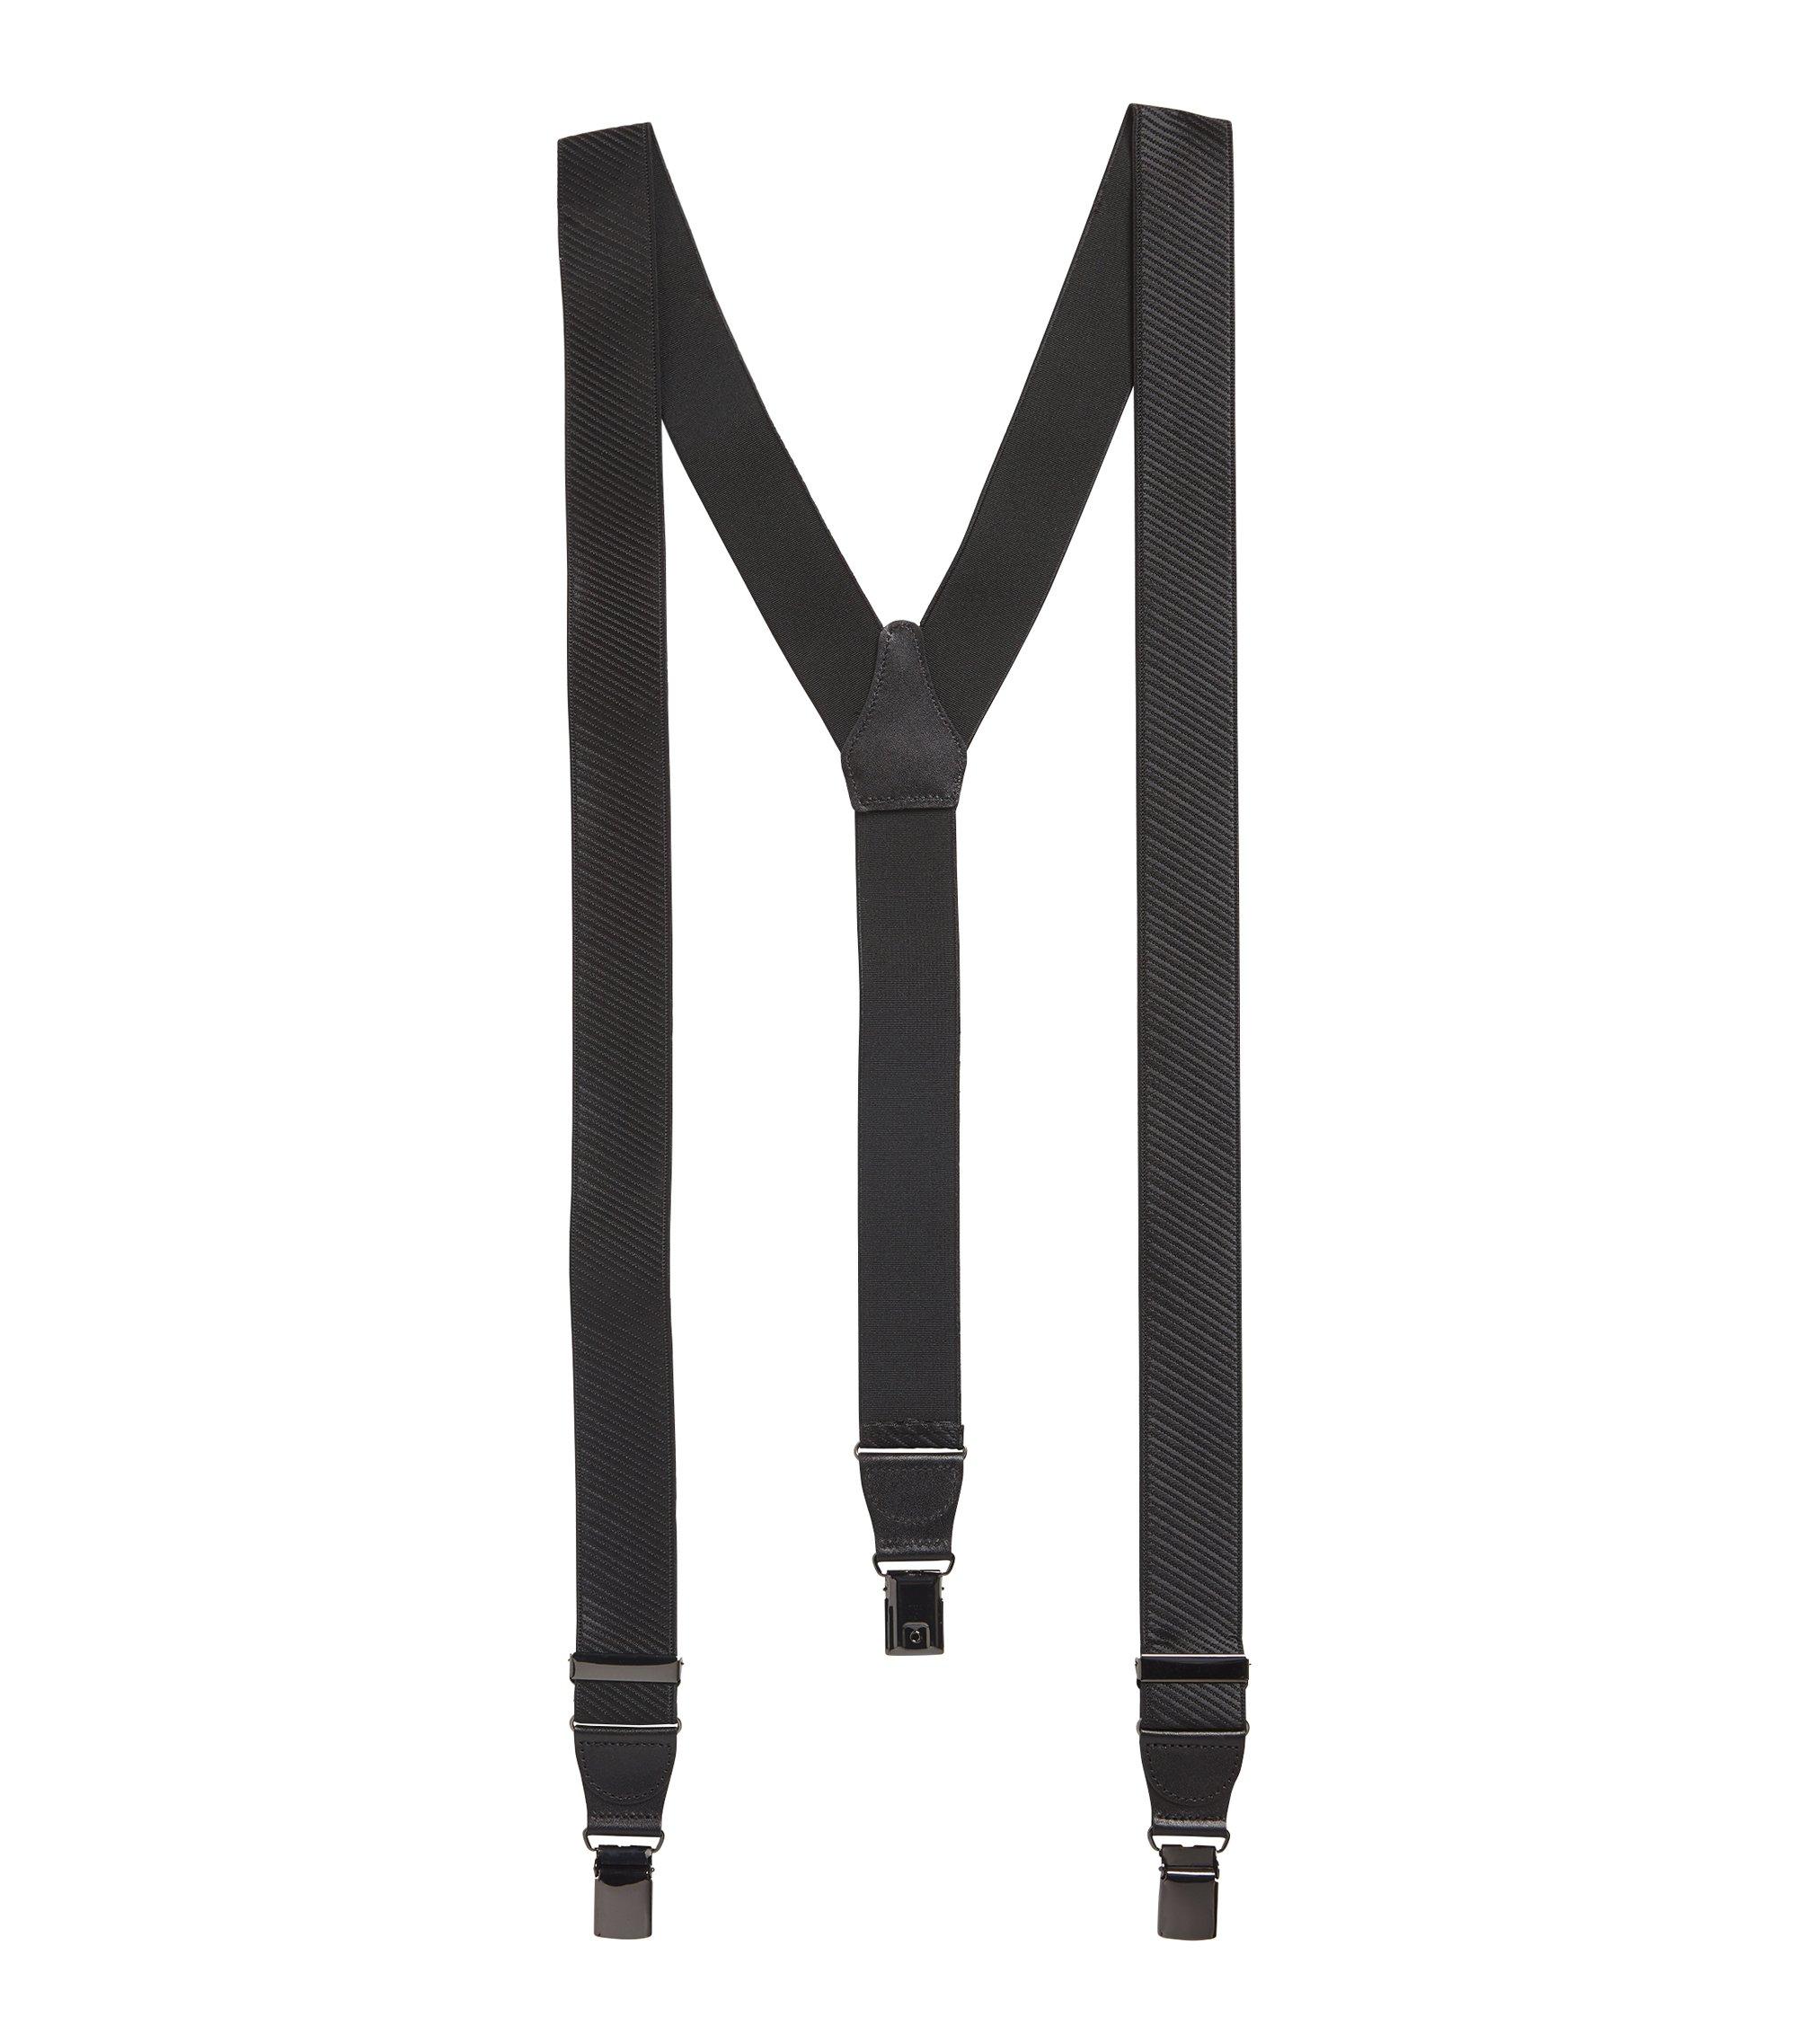 Hosenträger mit Lederbesätzen und Metall-Details in Geschenk-Box, Schwarz